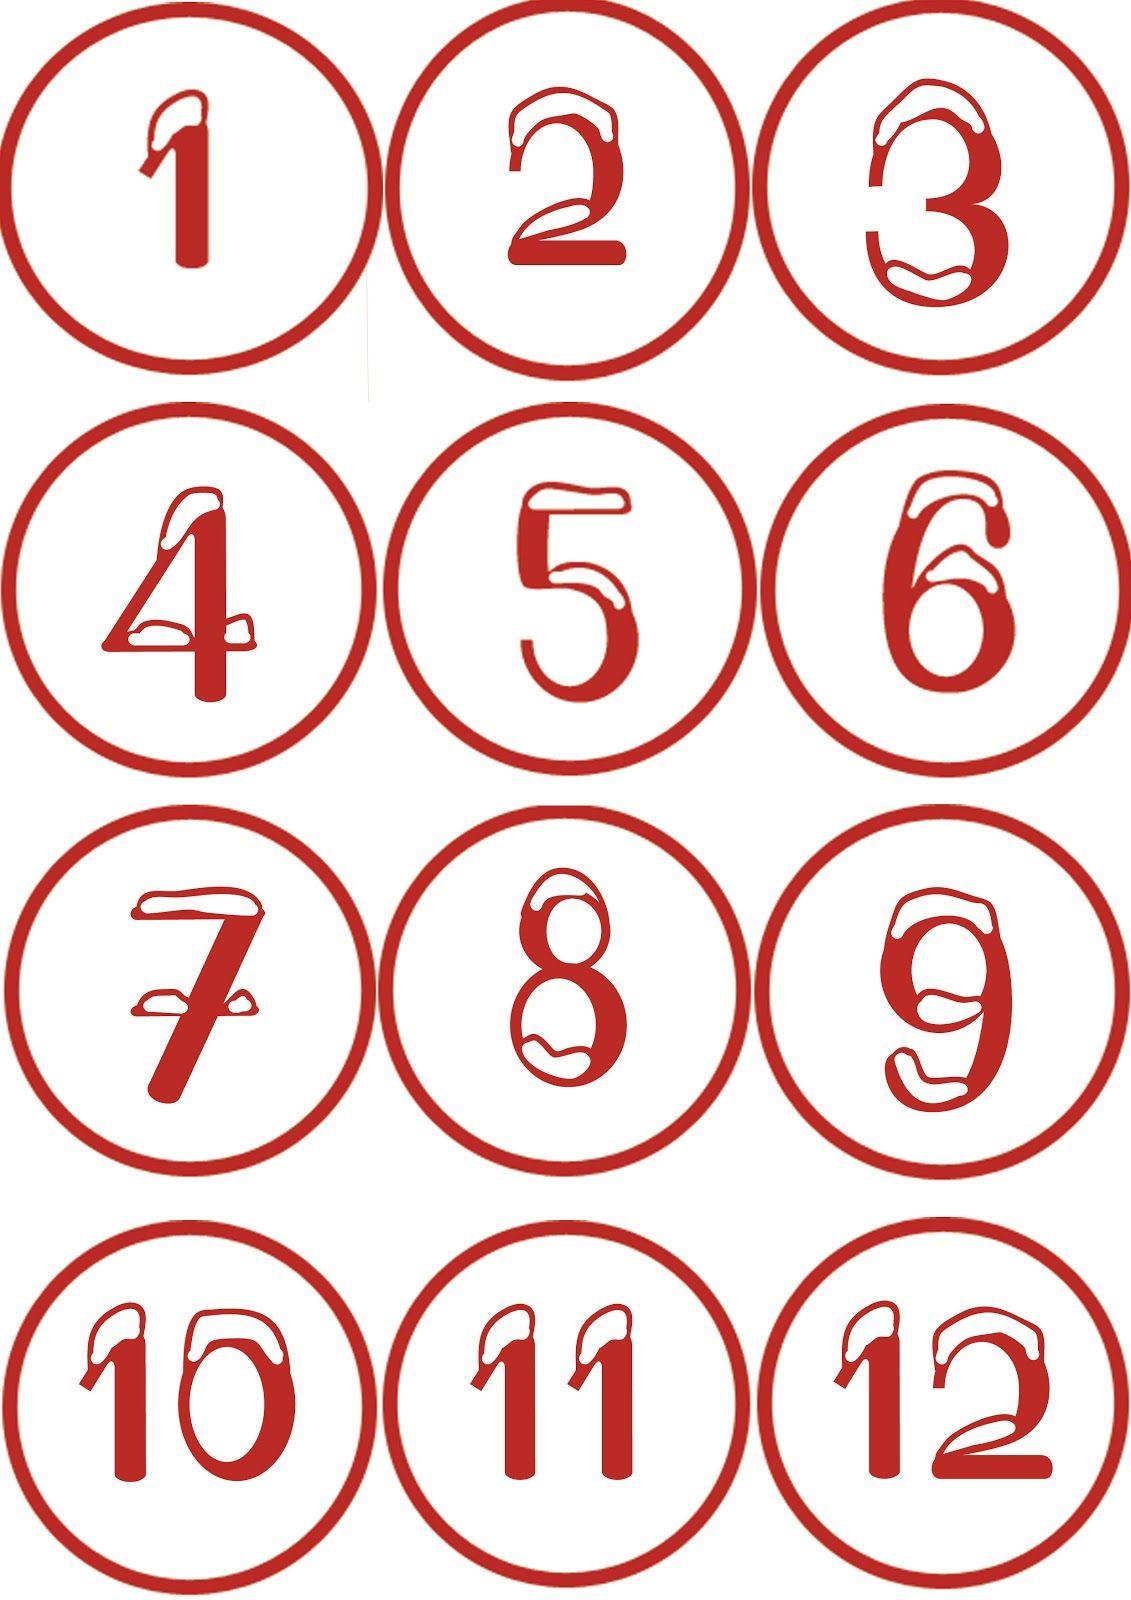 Numeri con neve per calendario dell'avvento (con immagini ...